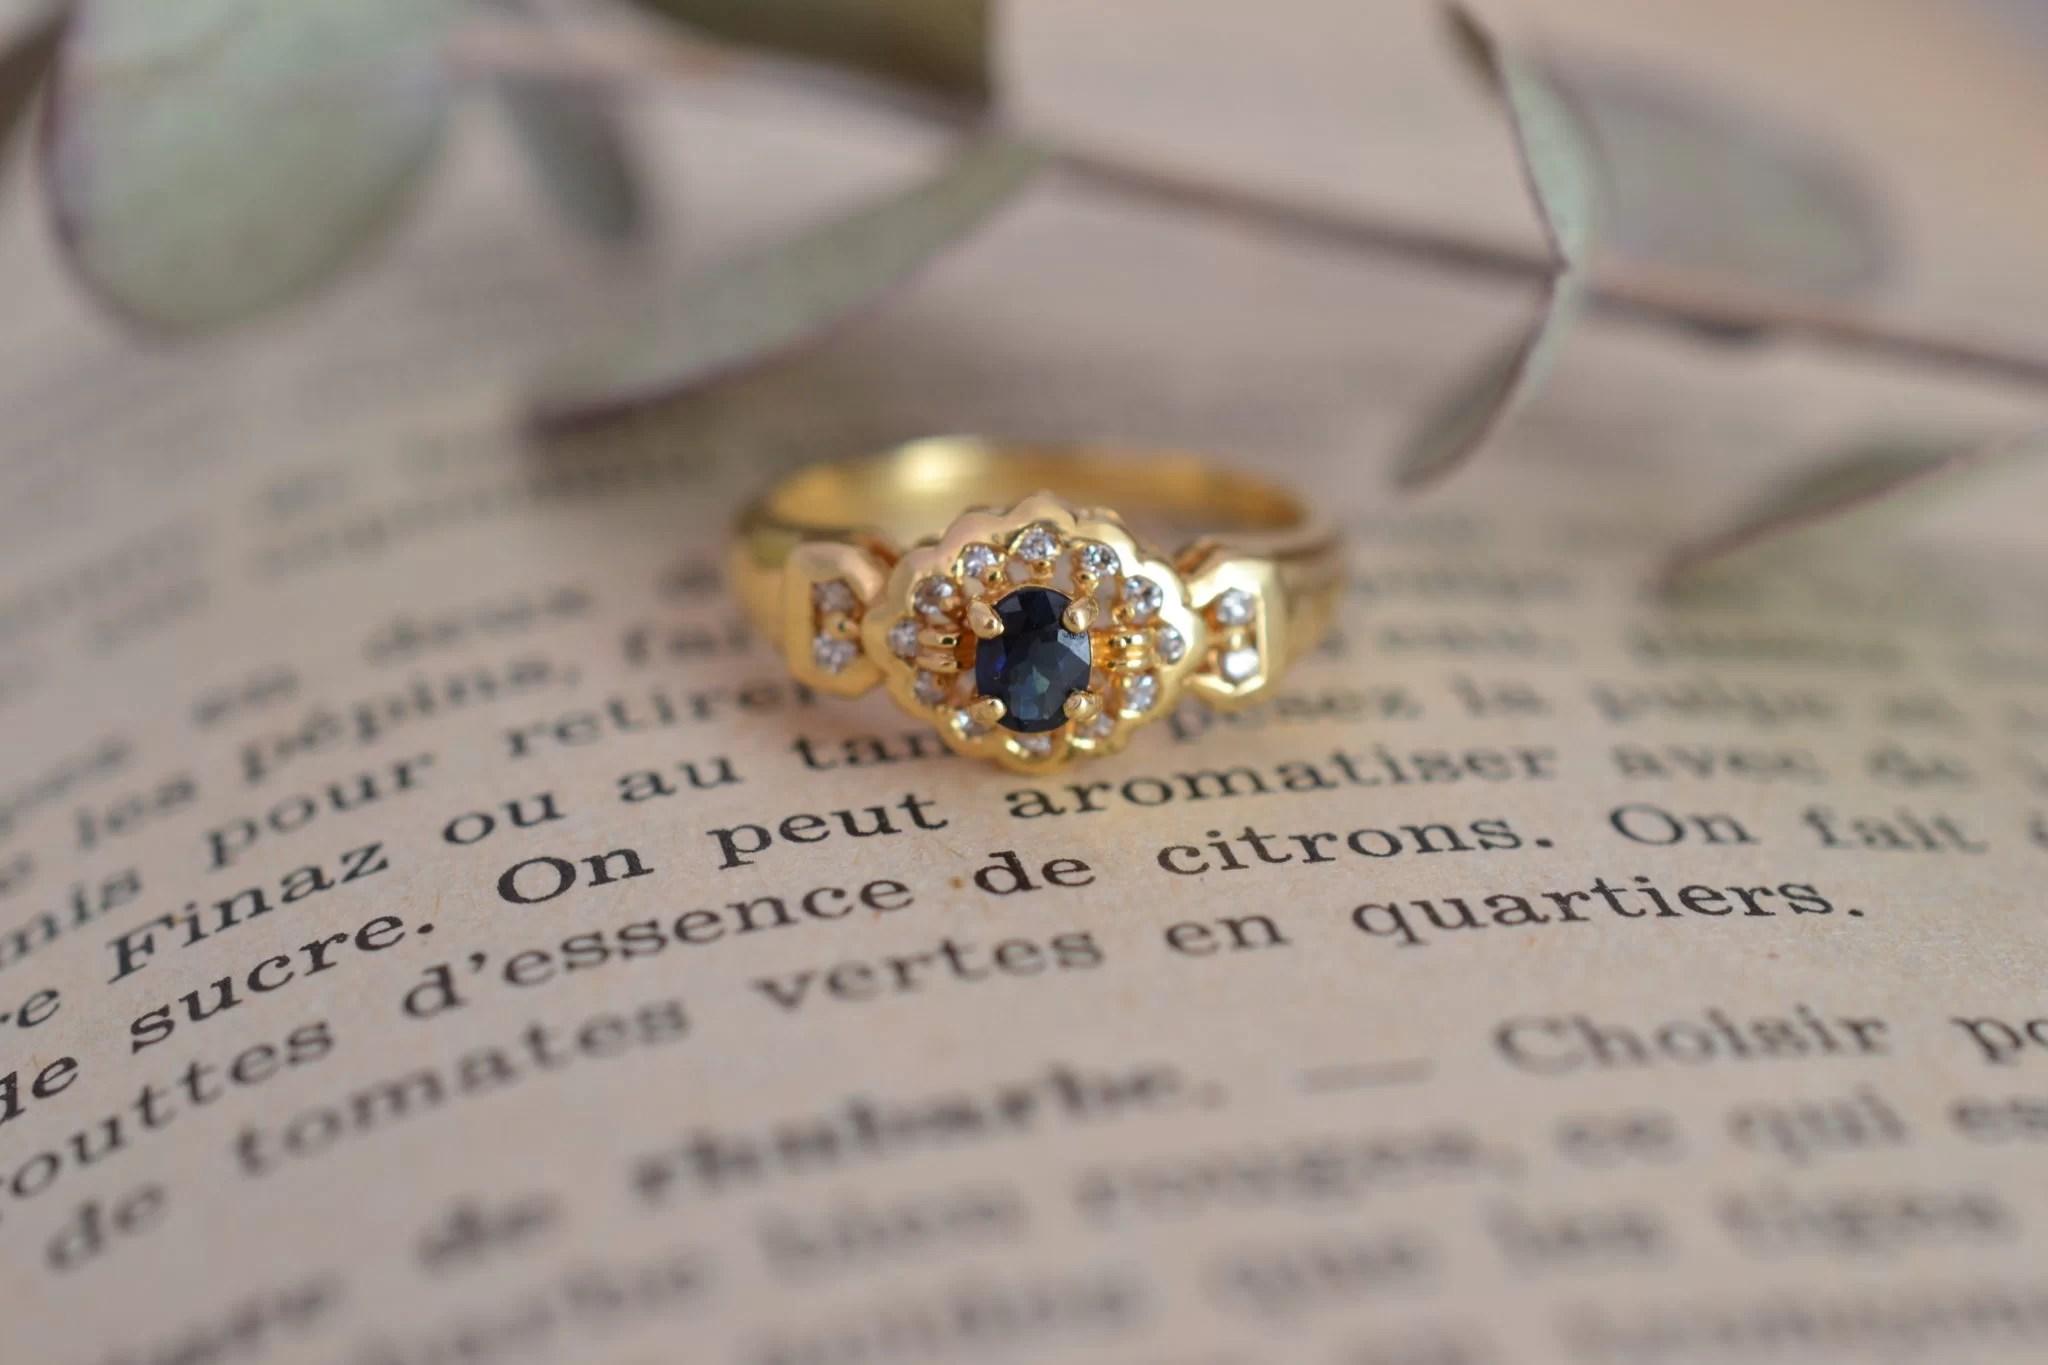 Bague En Or Jaune Sertie D_un Saphir Sur Un Entourage De Diamants - Bague éthique